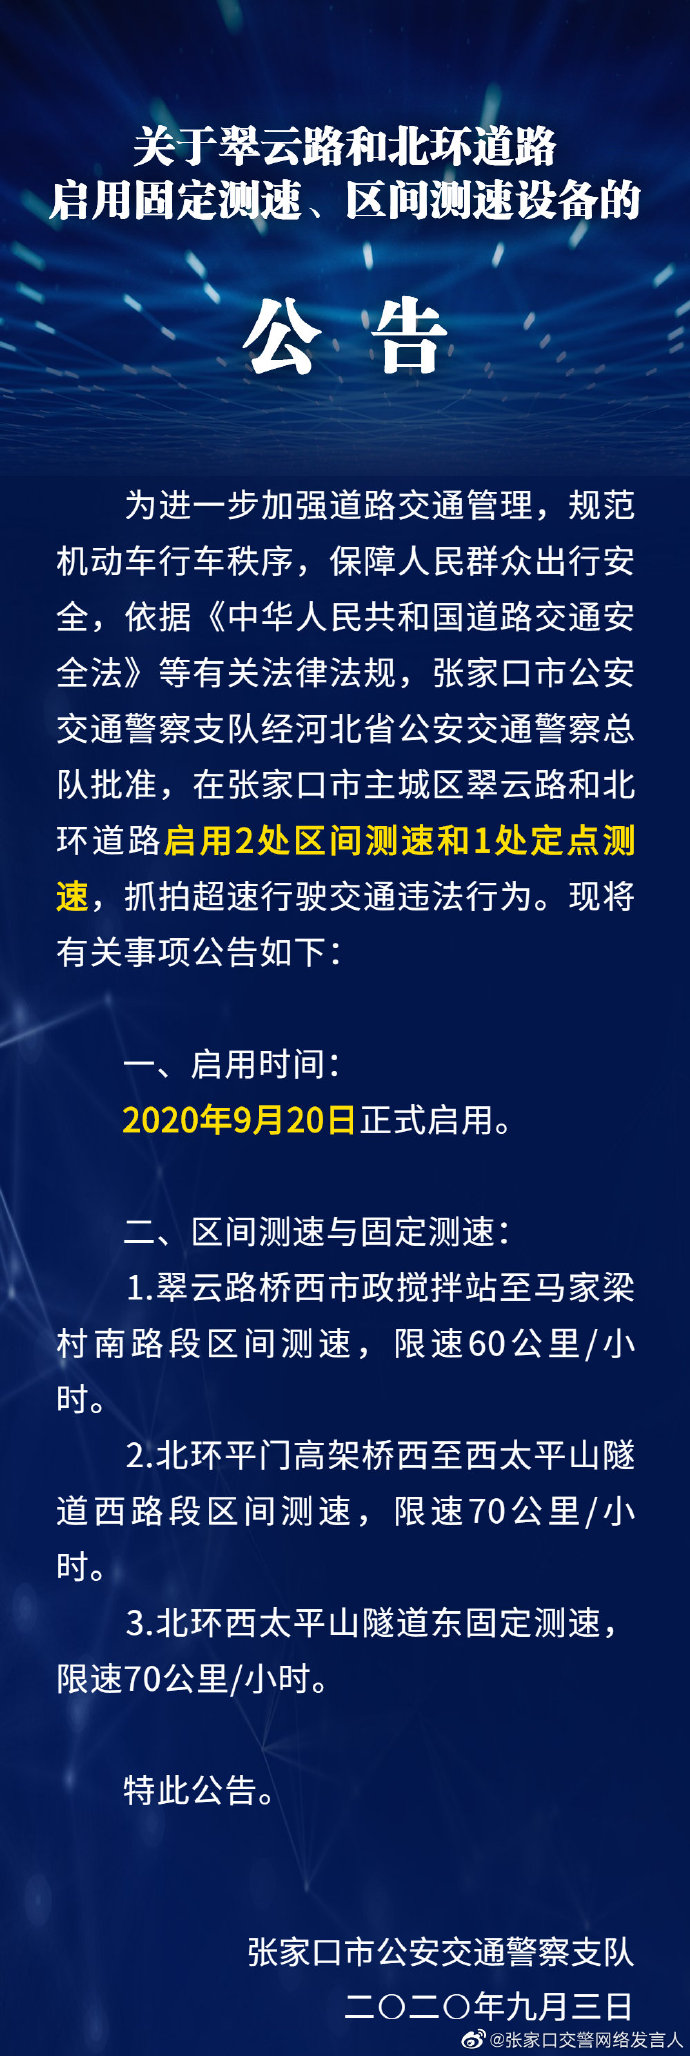 9月20日起,张家口主城区翠云路与北环道路启用测速抓拍设备!